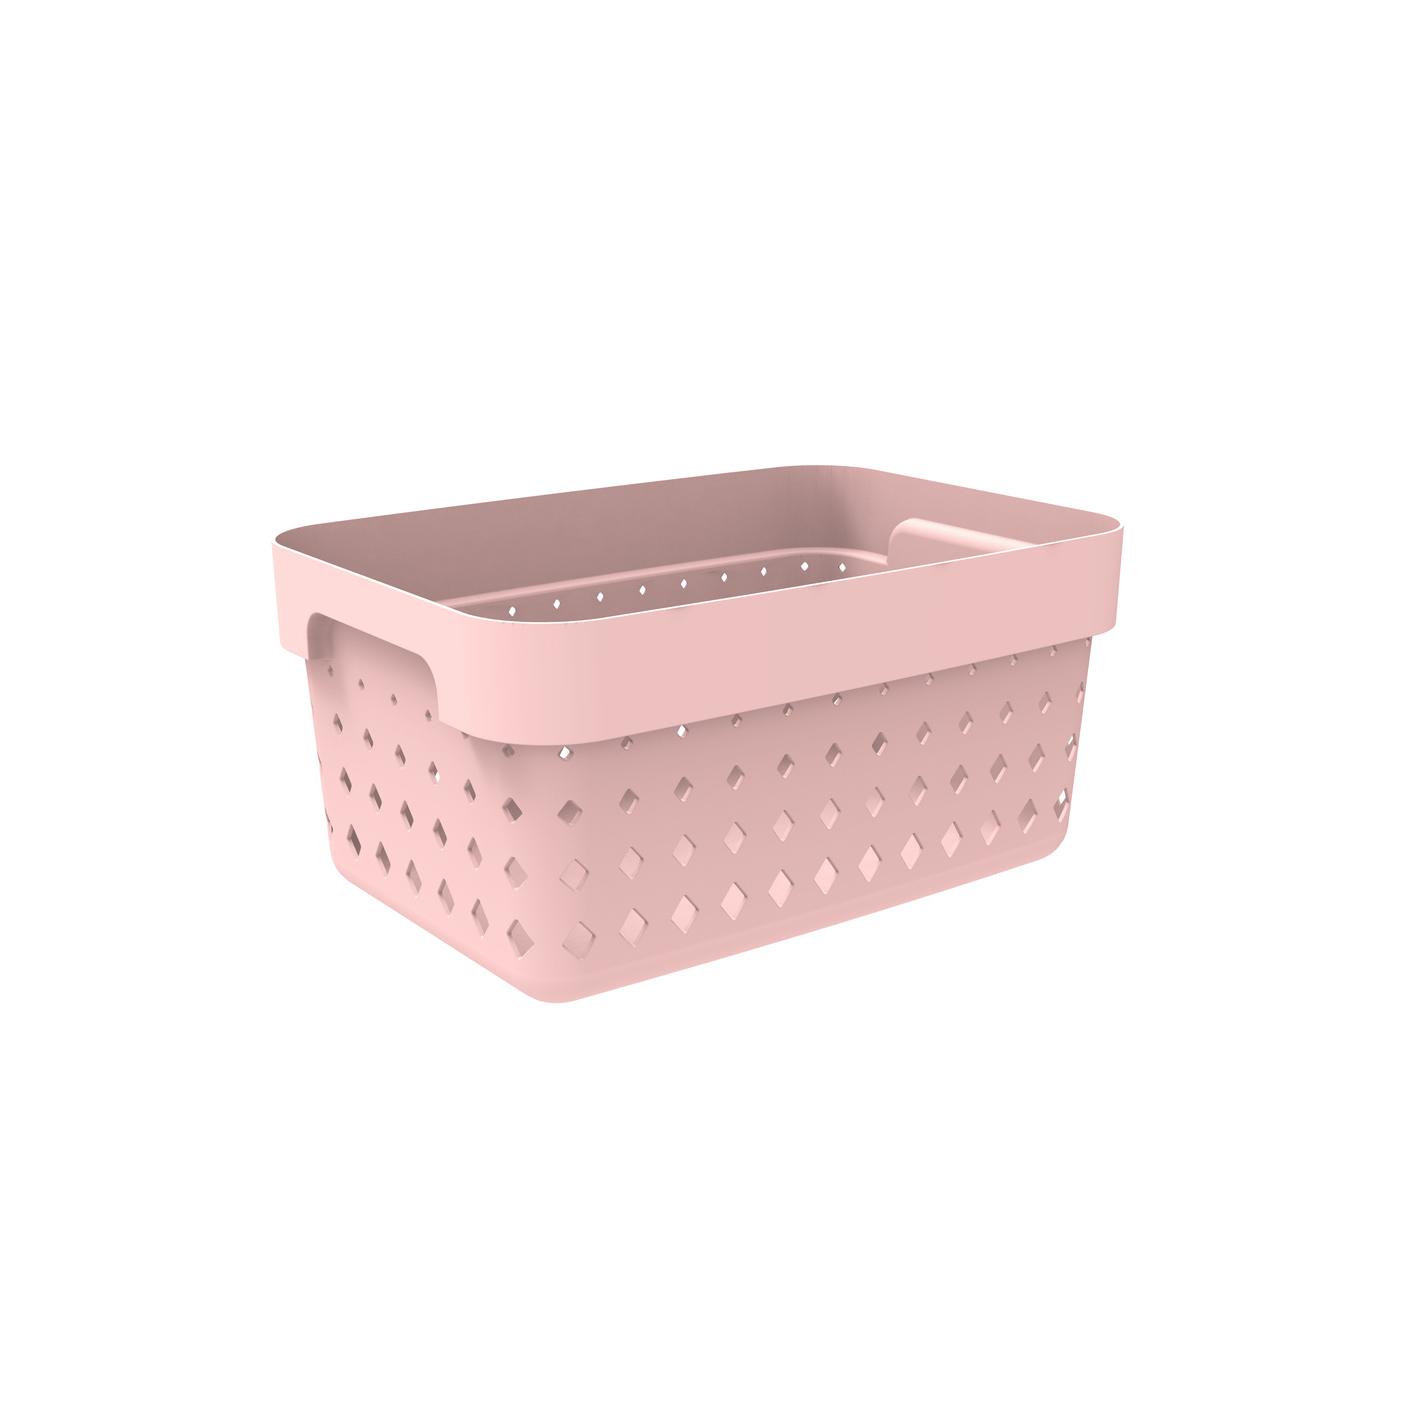 koszyk-do-przechowywania-plastikowy-plast-team-seoul-xxl-rozowy-26-x-18-cm.jpg